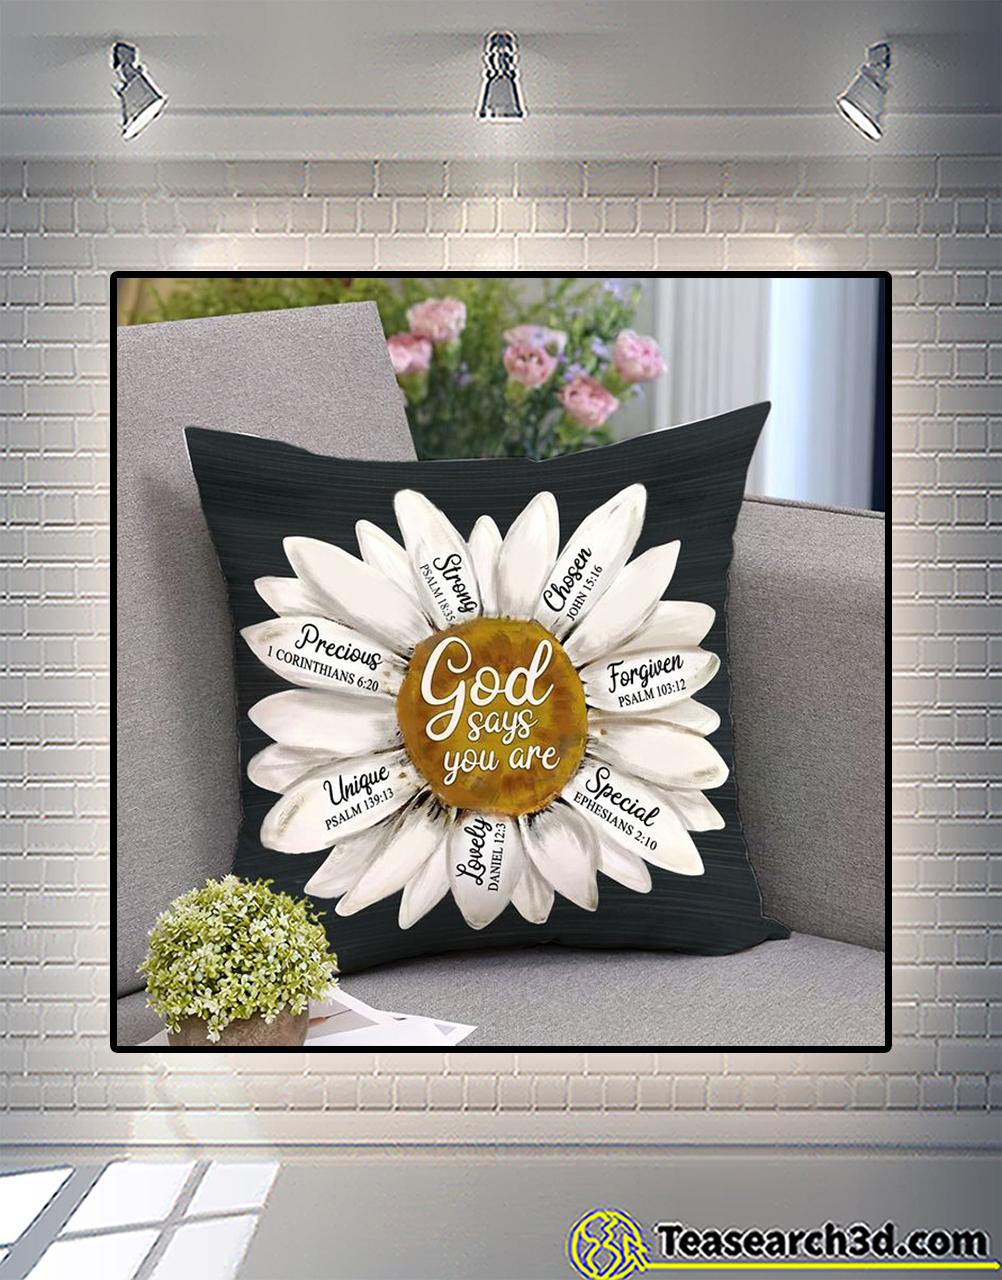 Daisy god says you are pillowcase